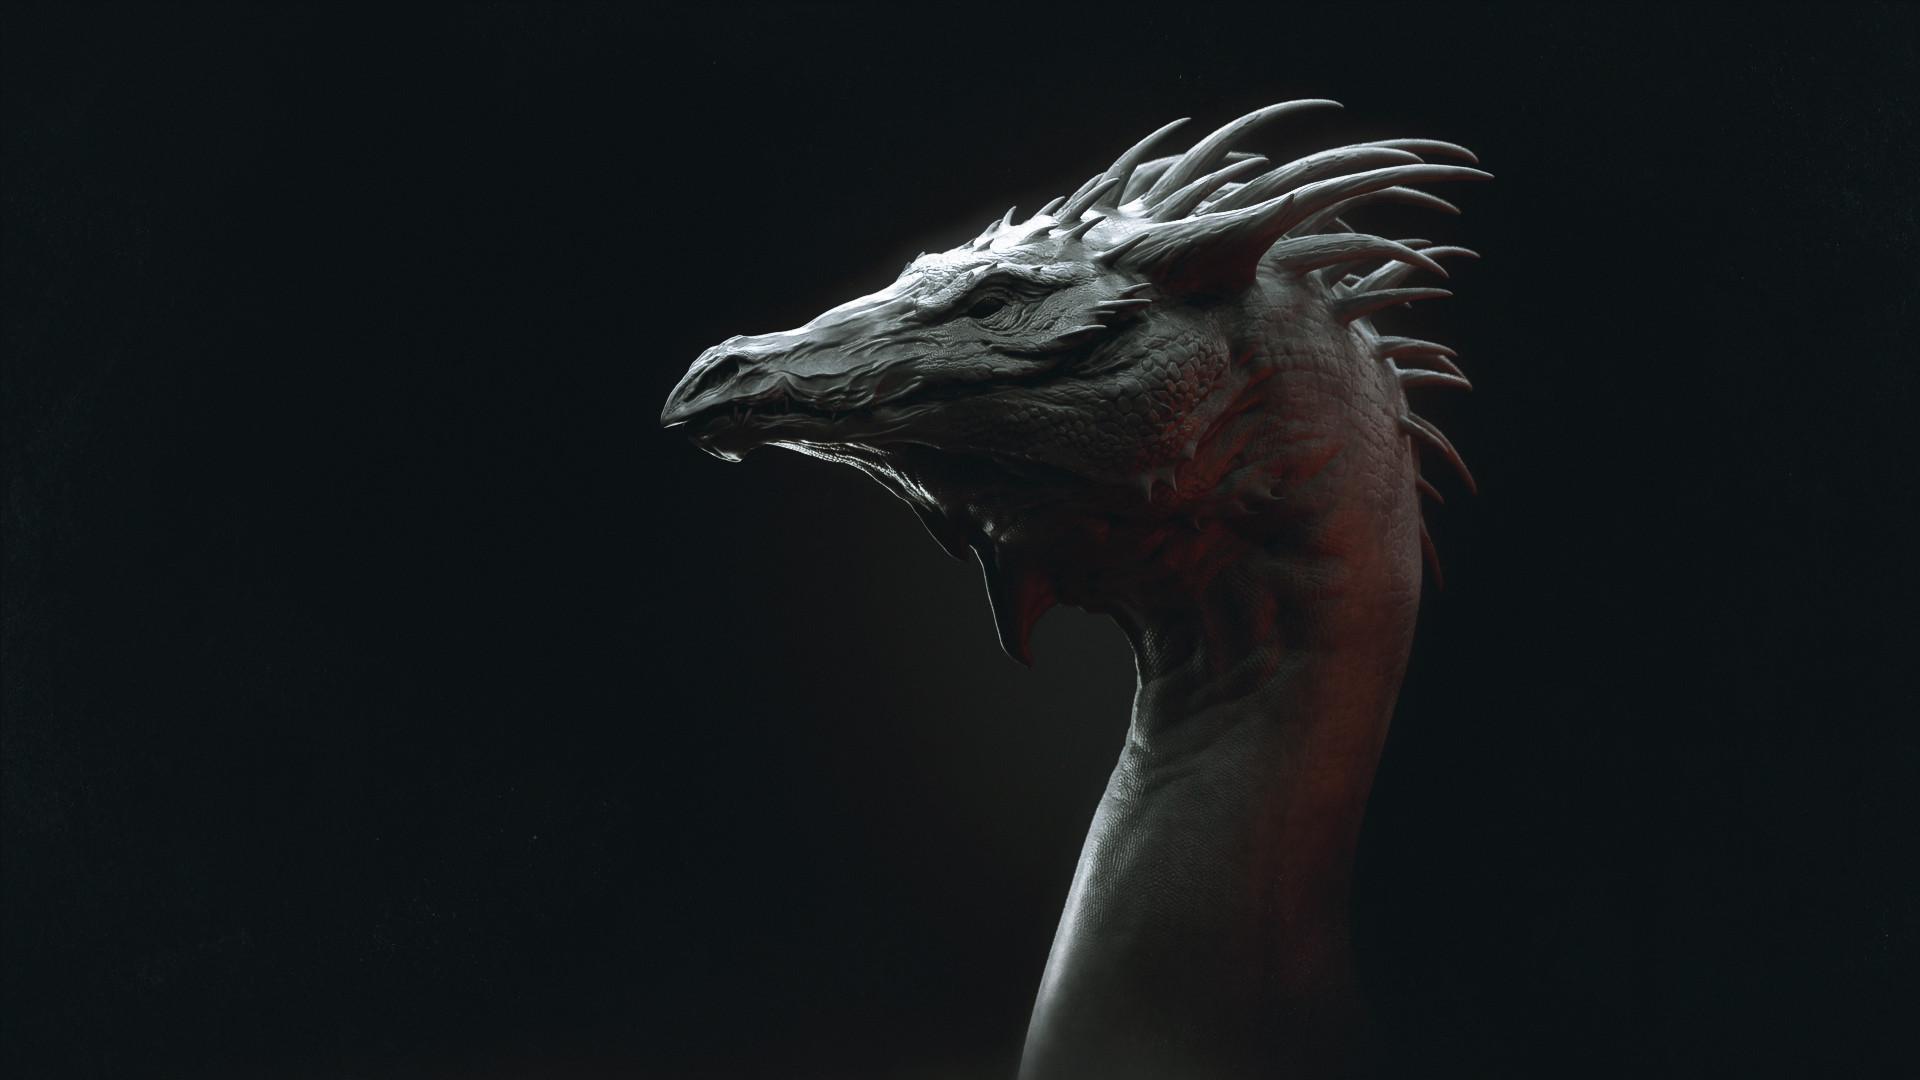 Romain pommier dragon